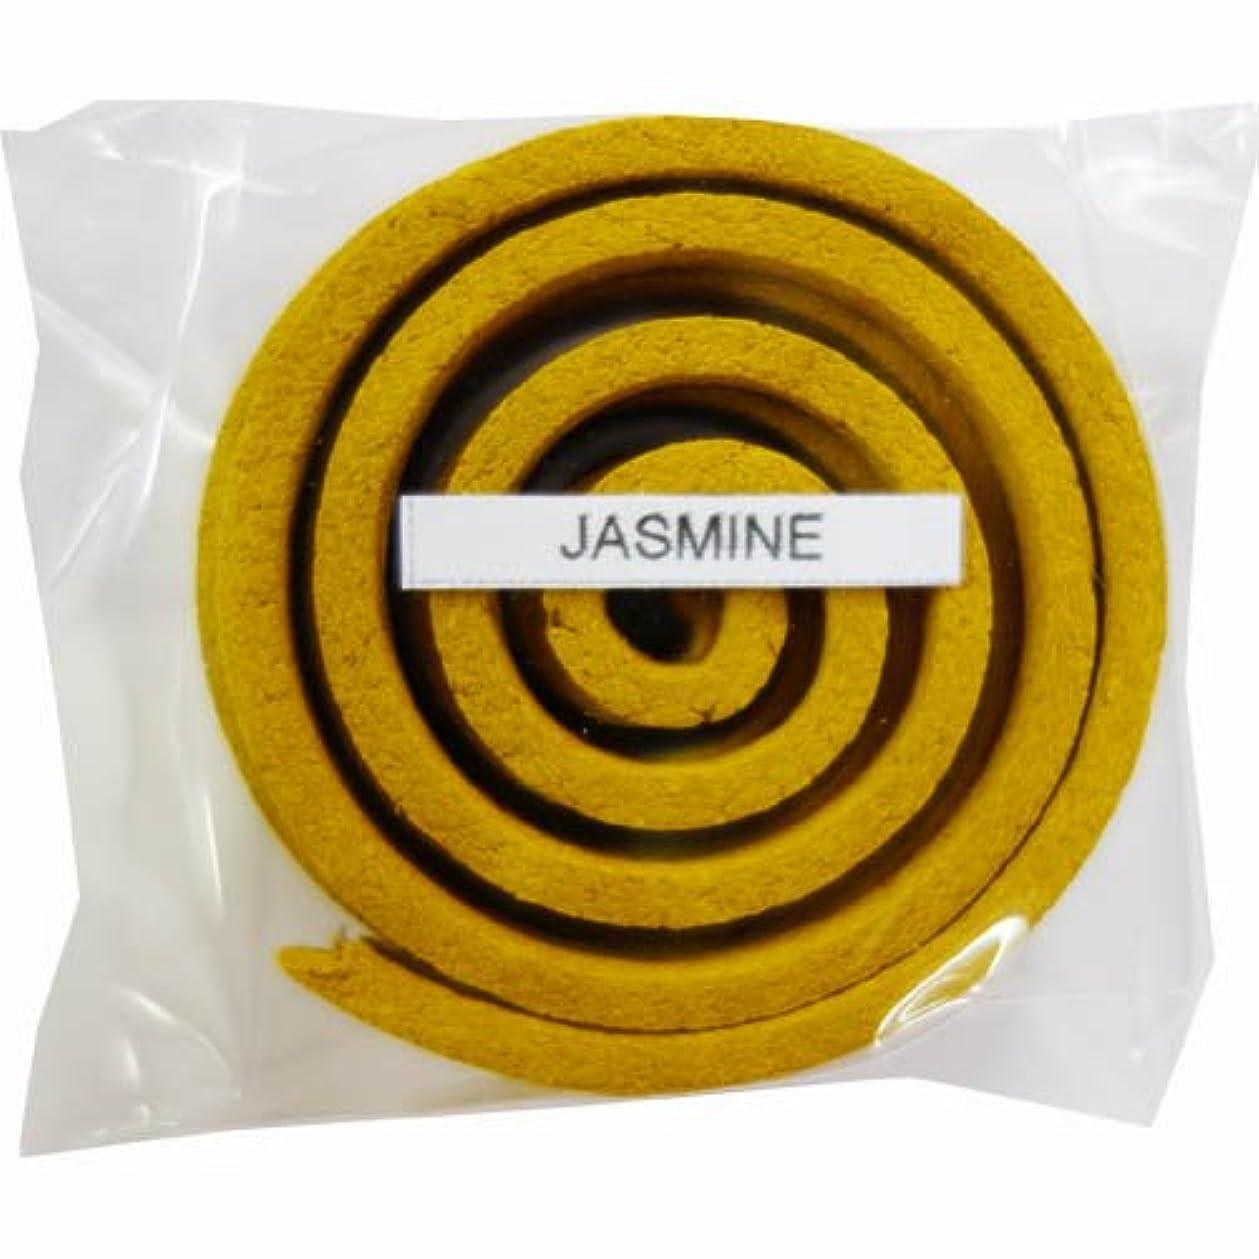 バリア小学生ストリップお香/うずまき香 JASMINE ジャスミン 直径5cm×5巻セット [並行輸入品]